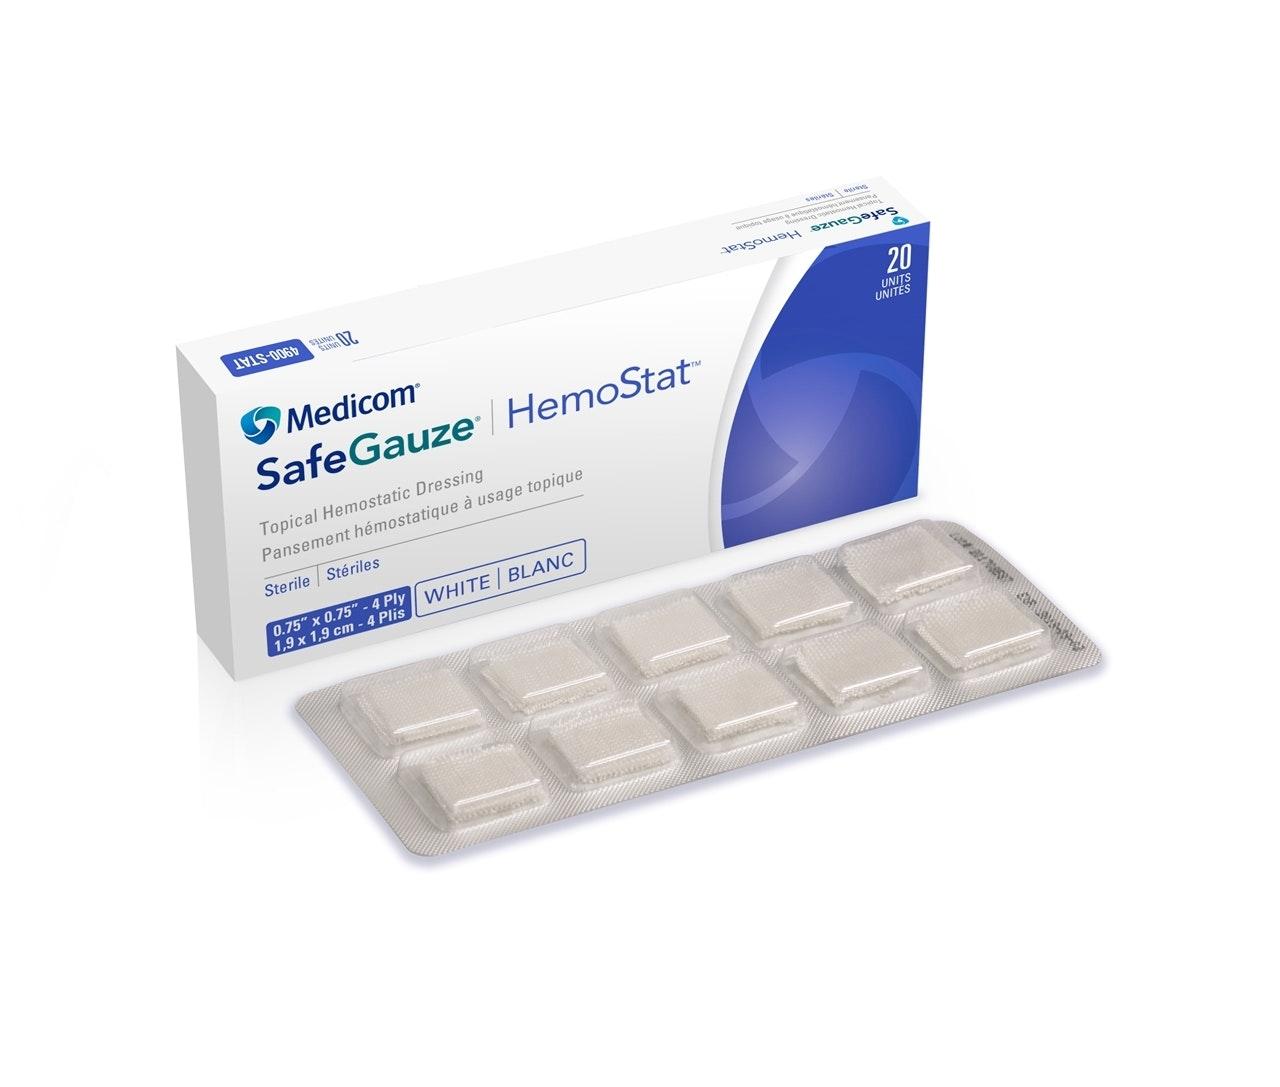 SafeGauze Hemostat - Topical Hemostatic Dressing - Medicom